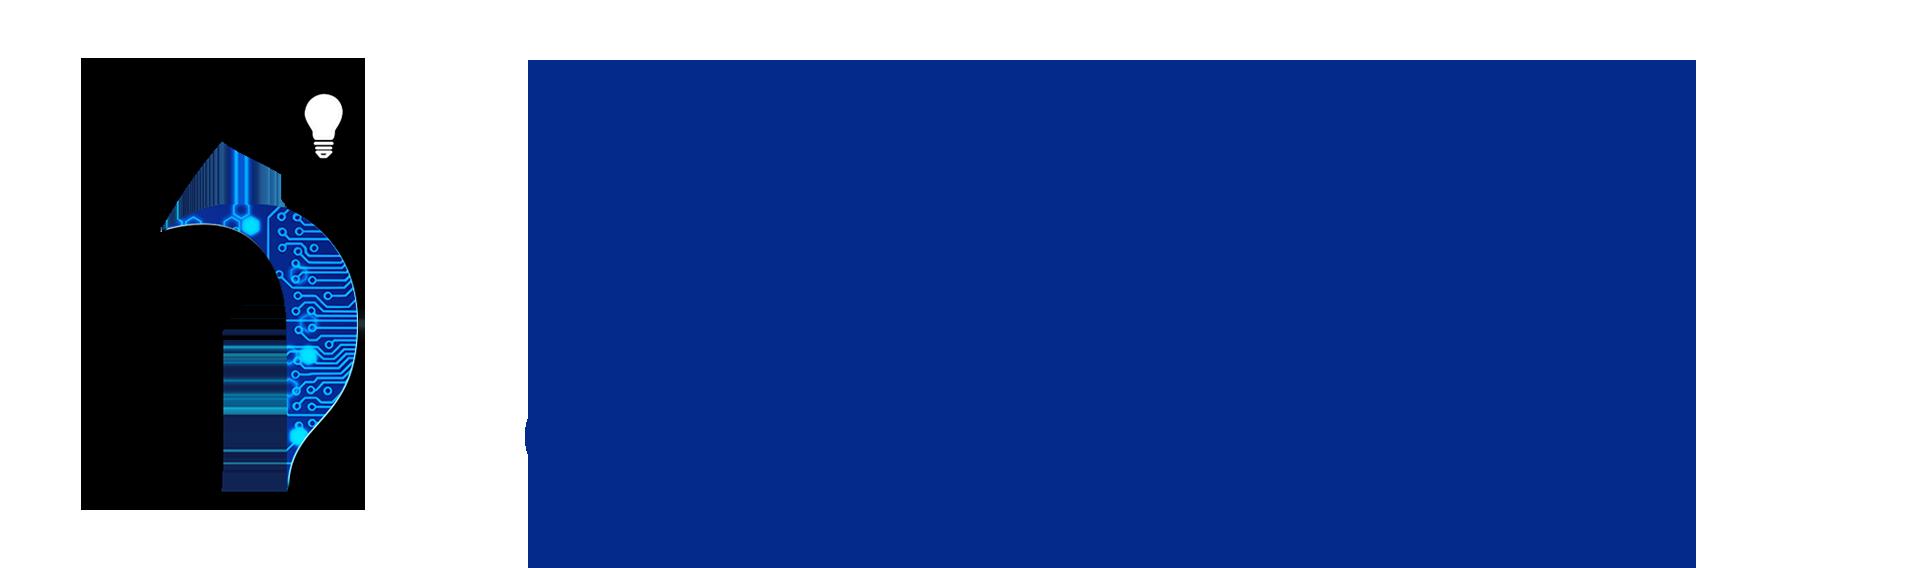 hi-impact consultancy